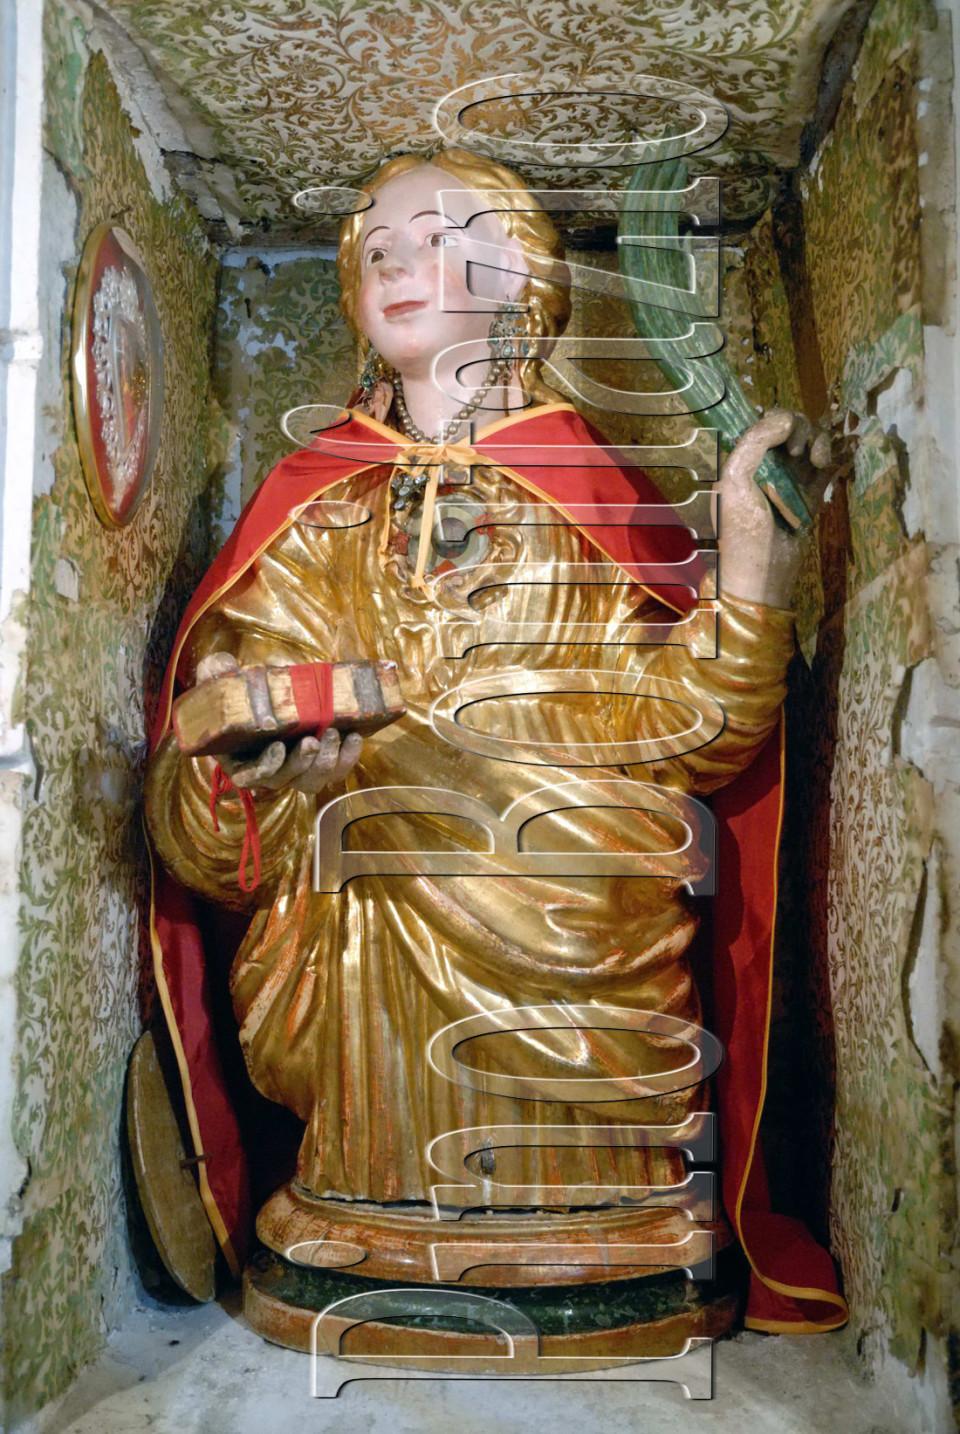 Busto reliquiario di S. Colomba, anche se  la scultura dorata mostra attributi propri della più nota Santa Colomba di Sens.